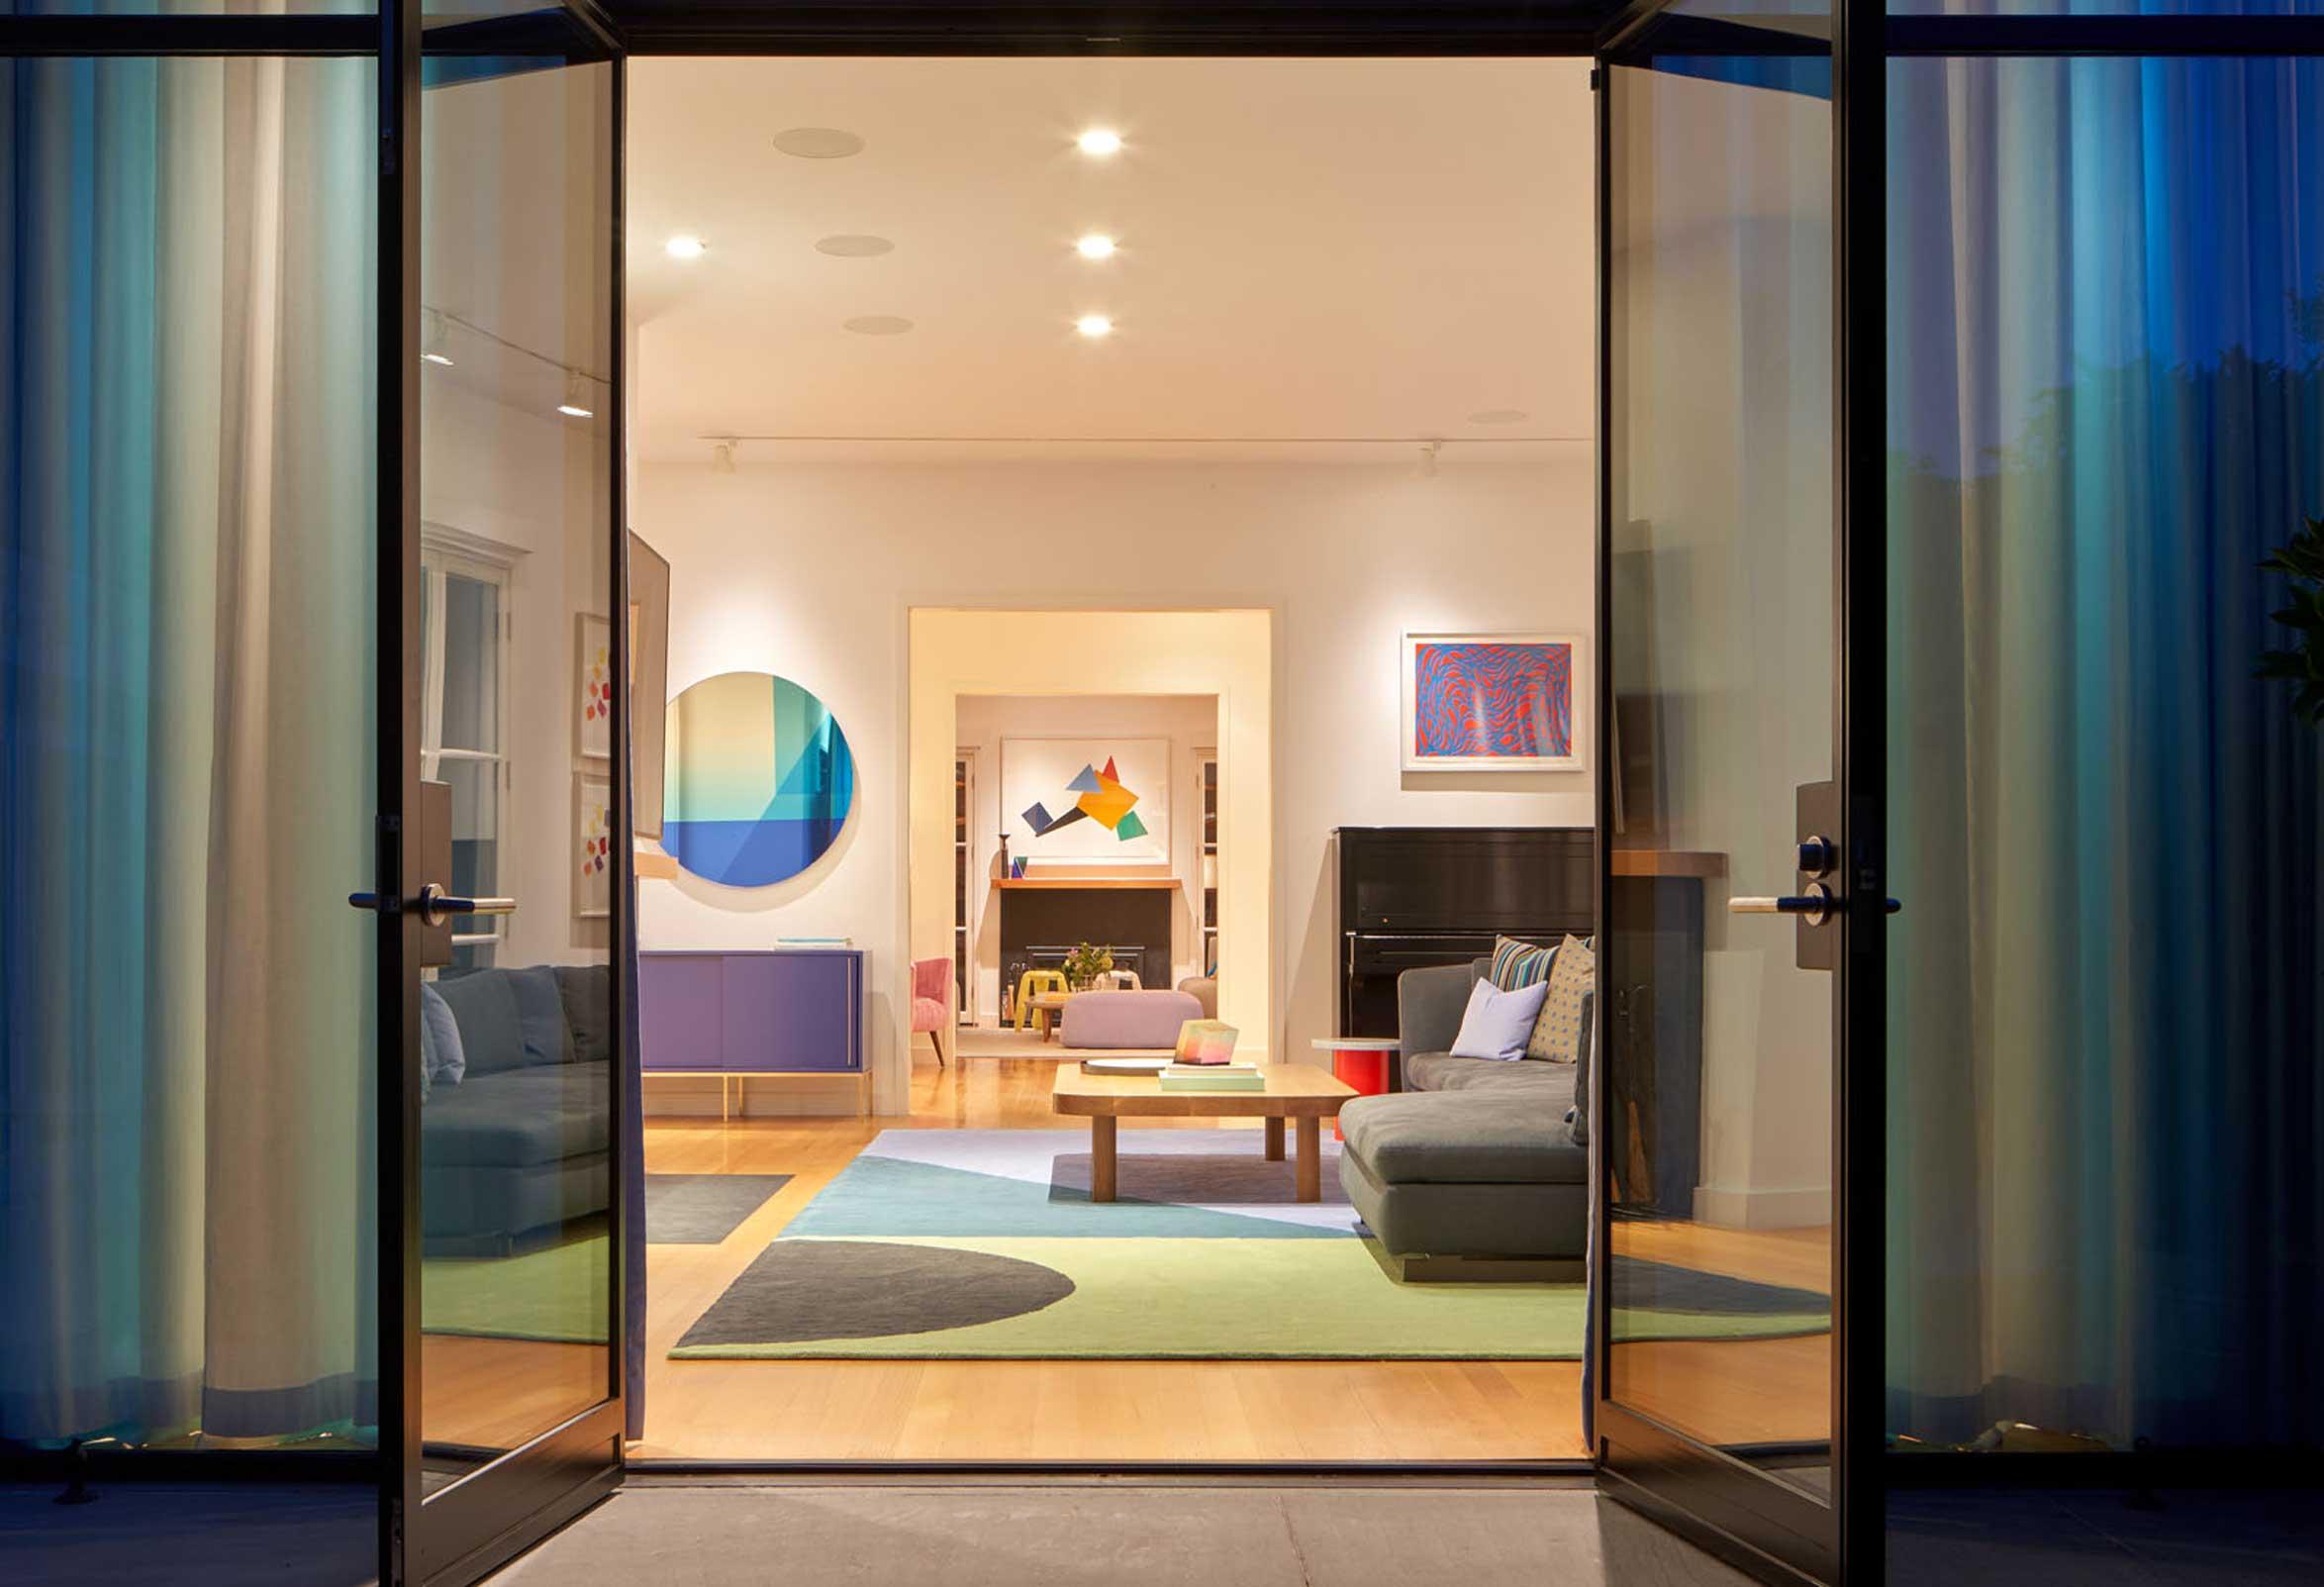 No Ordinary Blue - back door entry way view